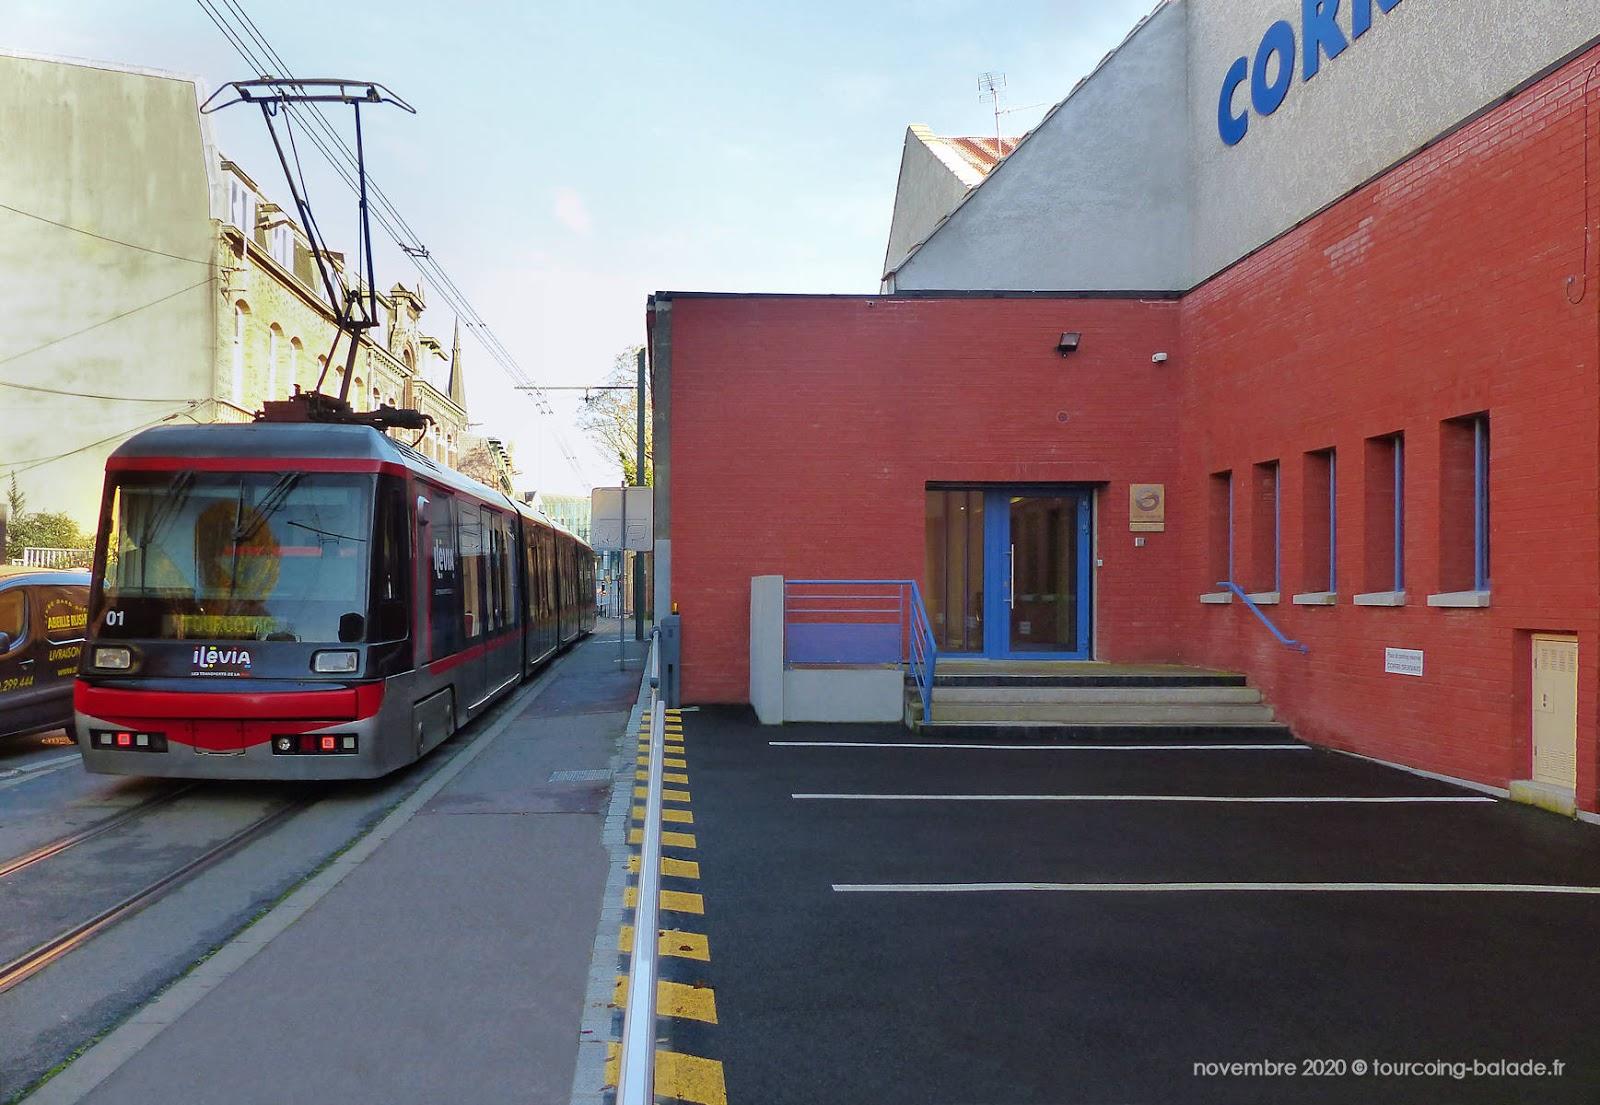 Tramway Ateliers Corri-Servais, Tourcoing 2020